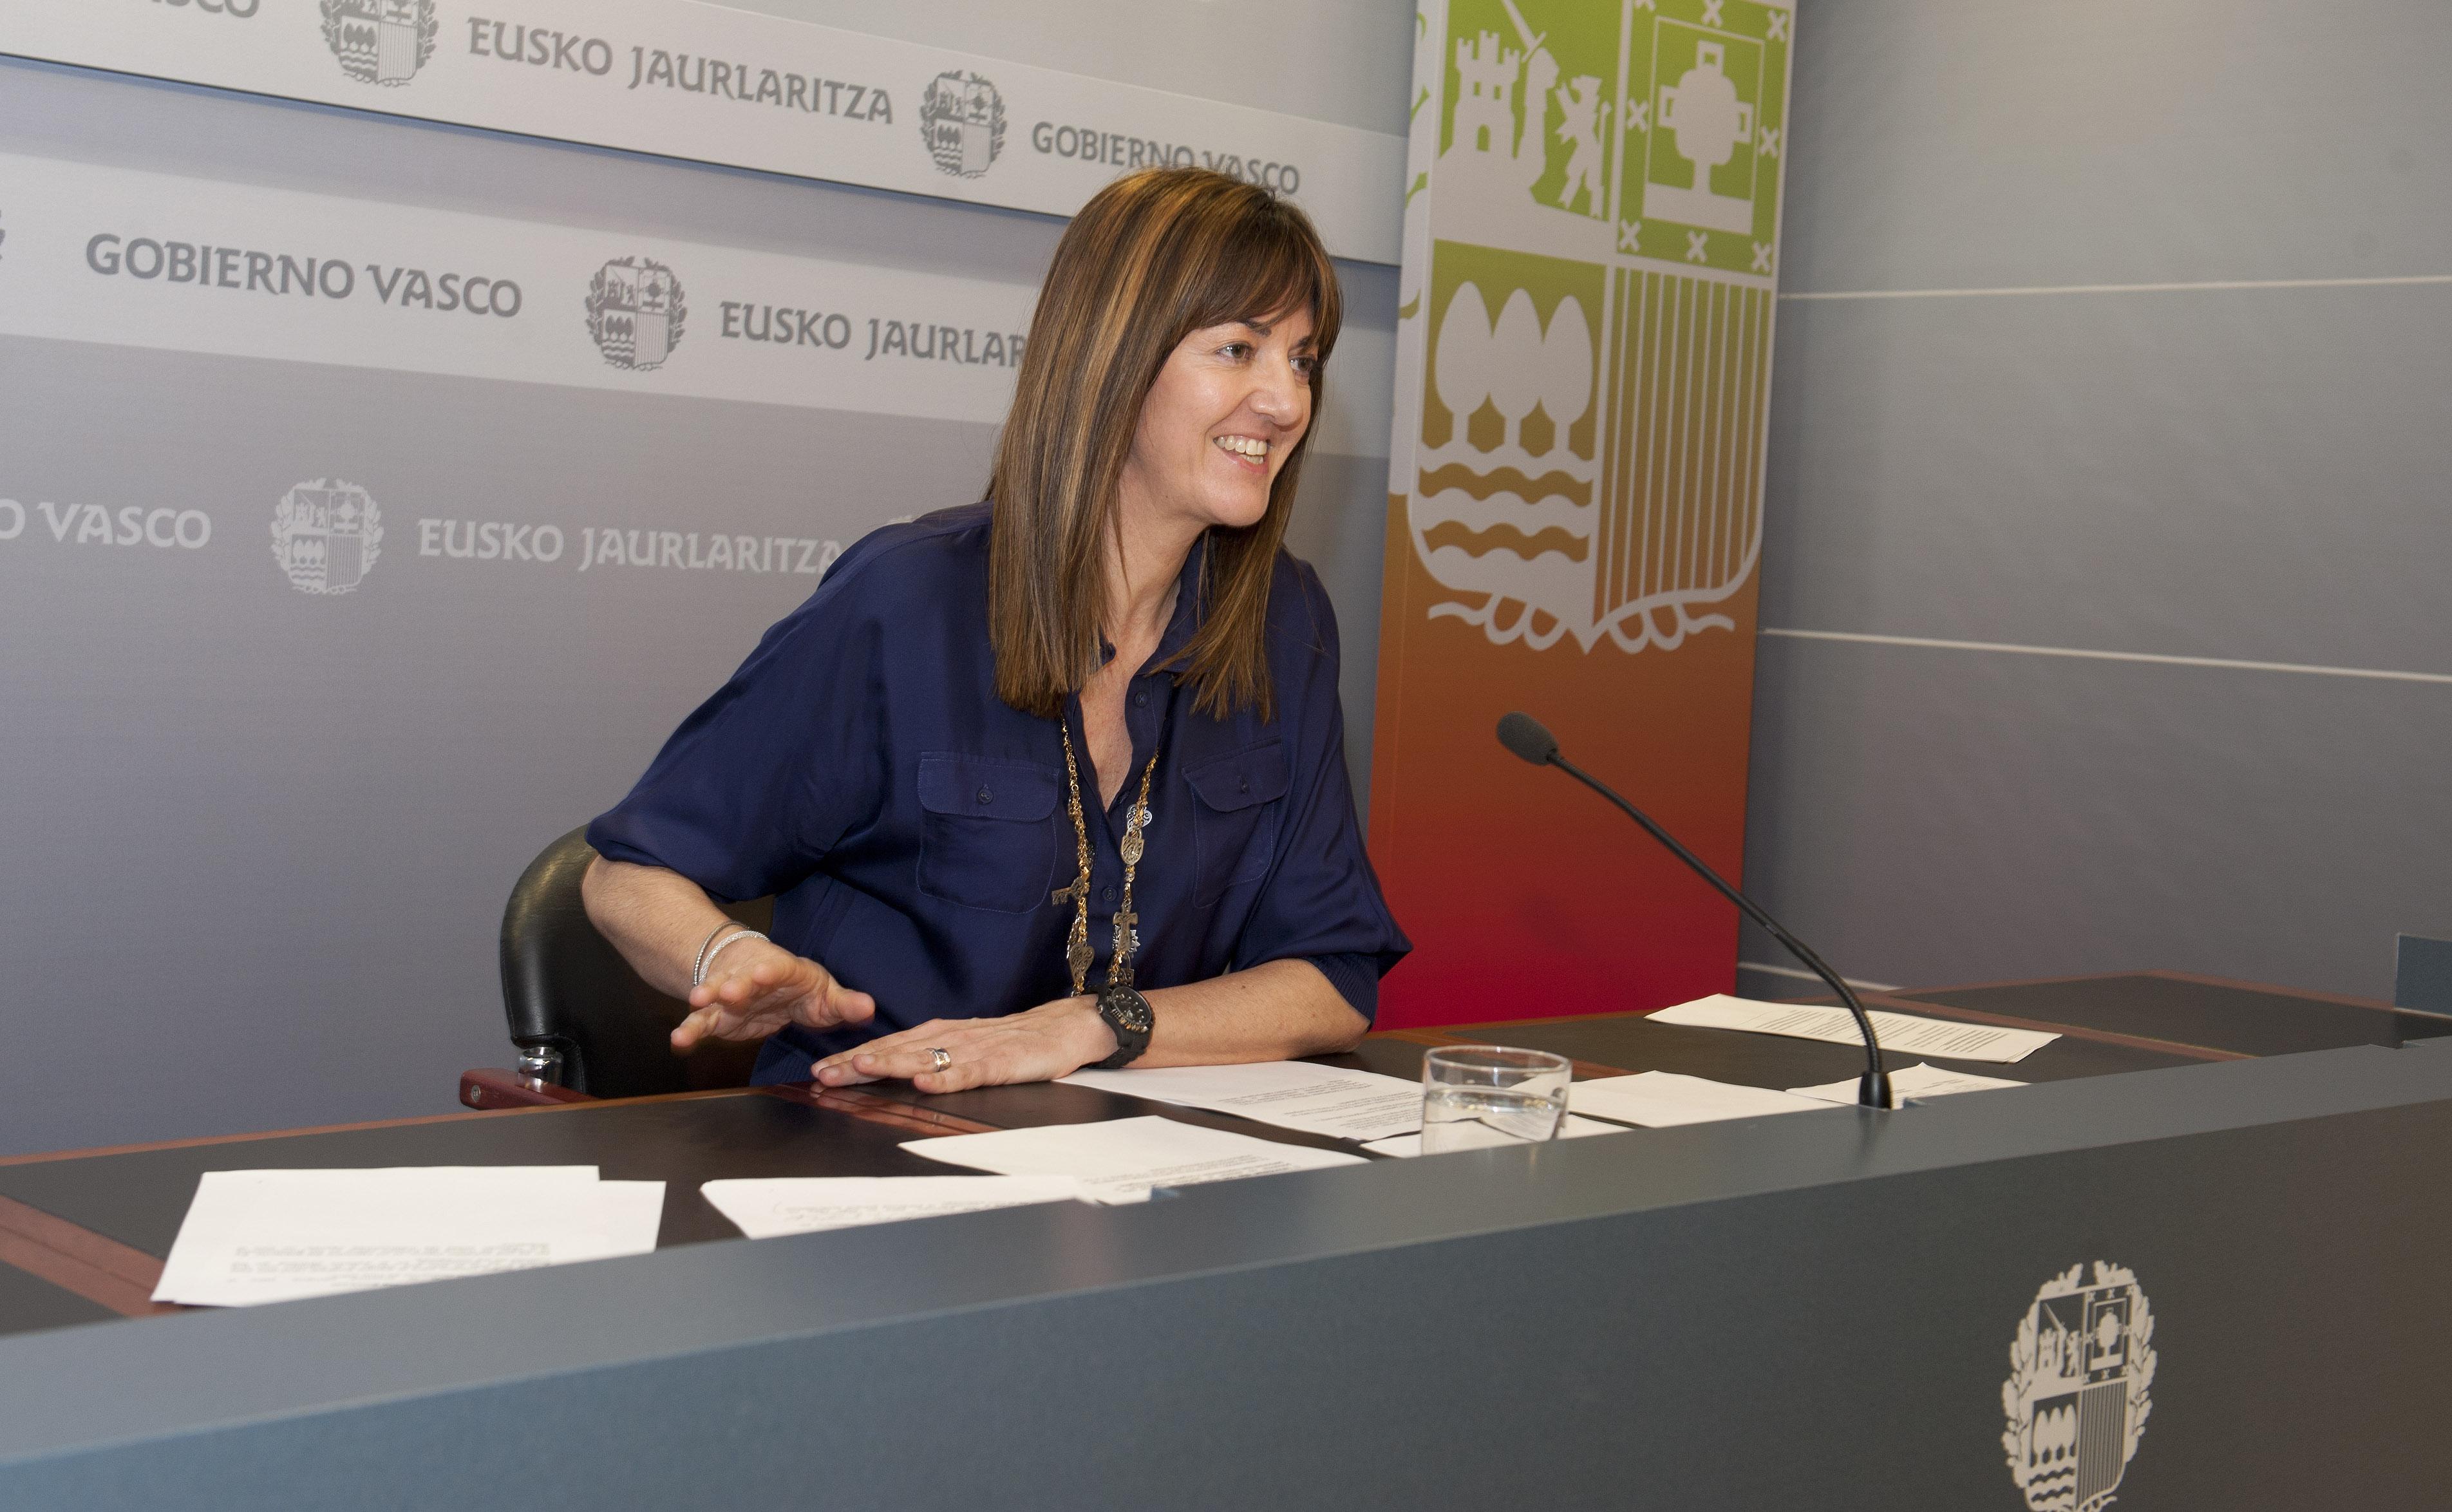 2012_03_13_media_rueda_prensa_02.jpg